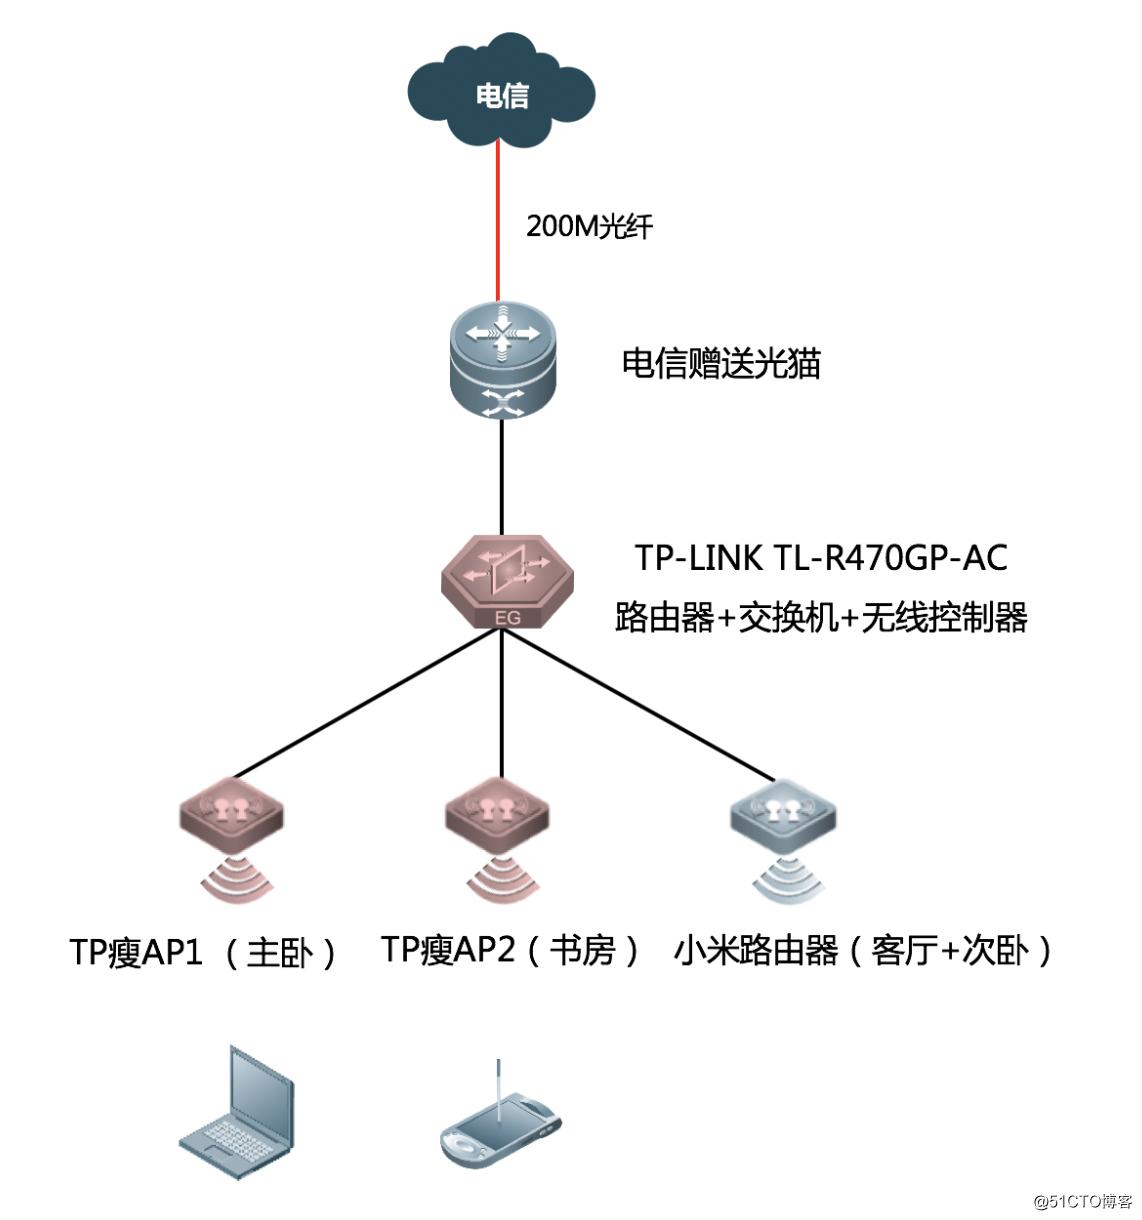 小试牛刀(一):家用级组网规划设计与配置实战